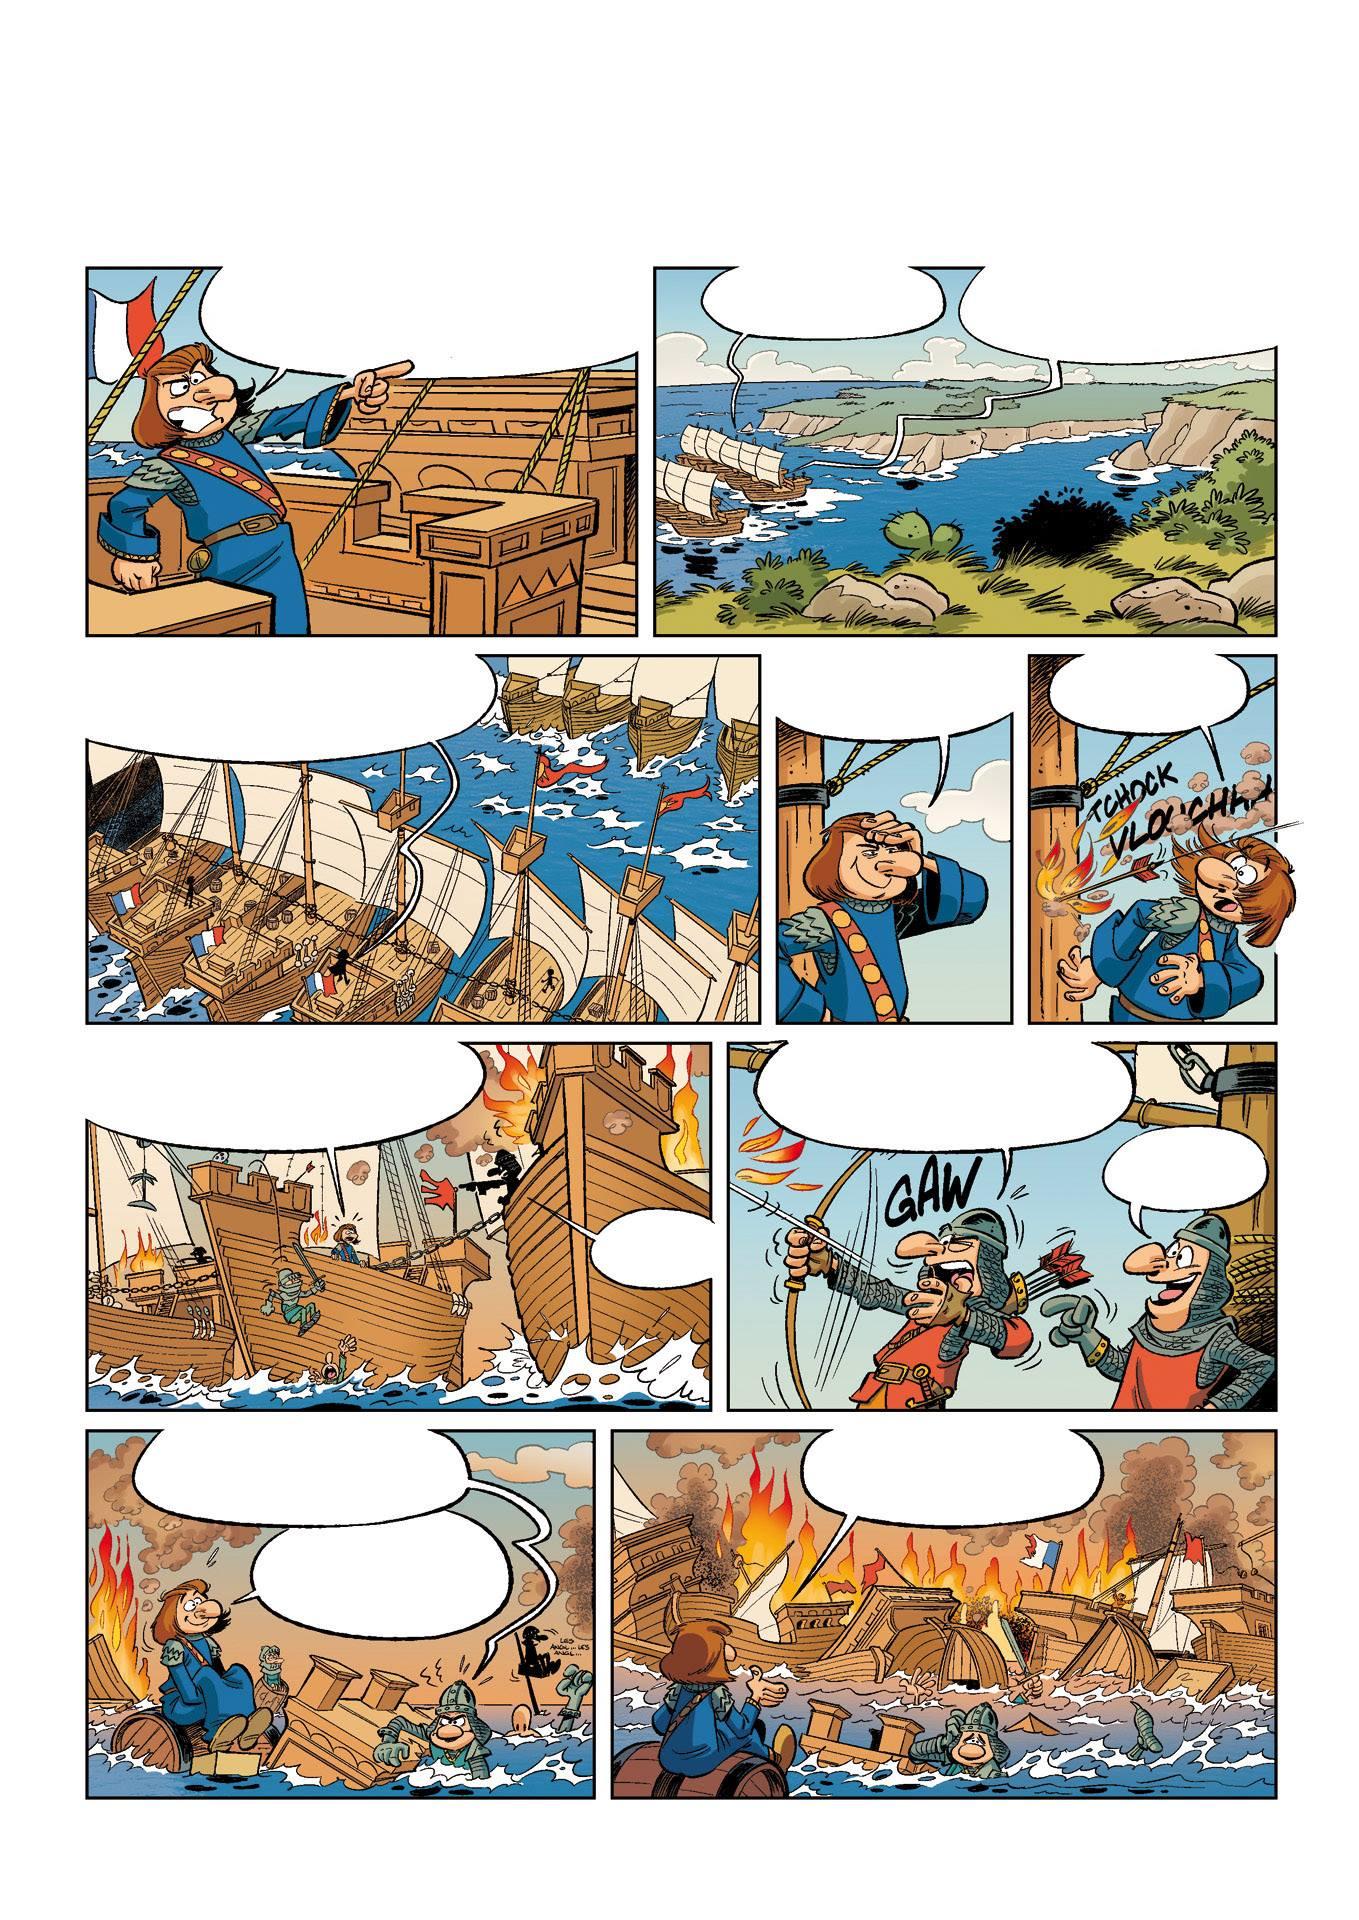 La guerre de cent ans - cazenove - richez - peral - bataille navale